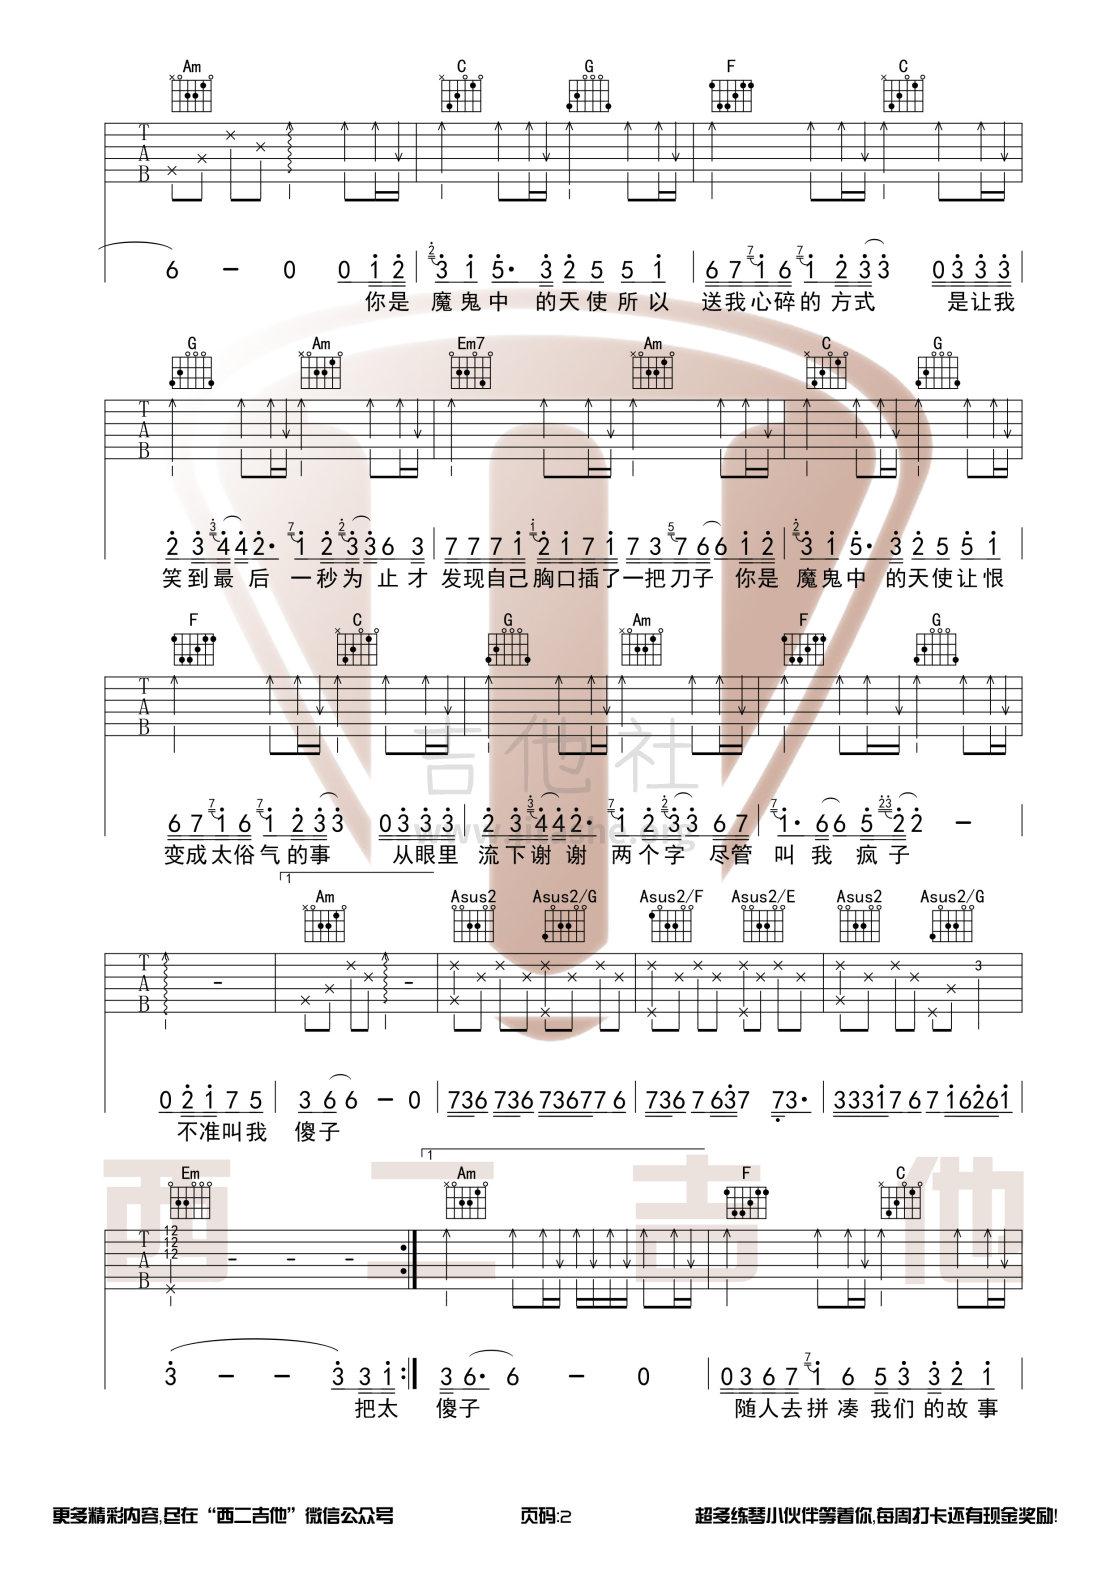 魔鬼中的天使(好声音康树龙版本C调和弦)【西二吉他】吉他谱(图片谱,西二吉他,中国好声音,弹唱)_康树龙_魔鬼中的天使2.jpg